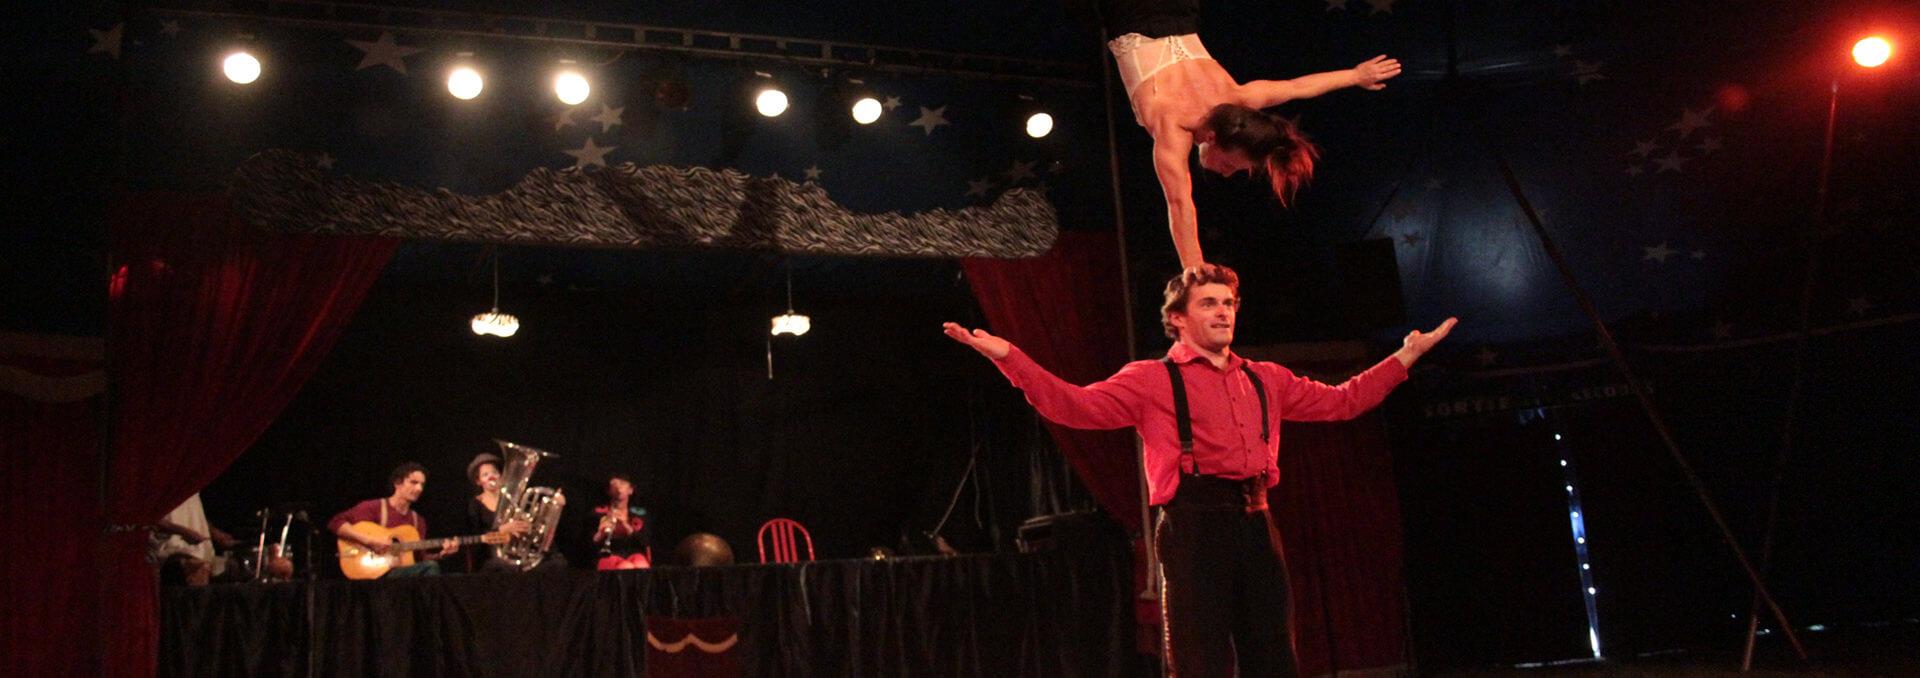 cirque-la-cabriole-star-cabarets-ephemeres